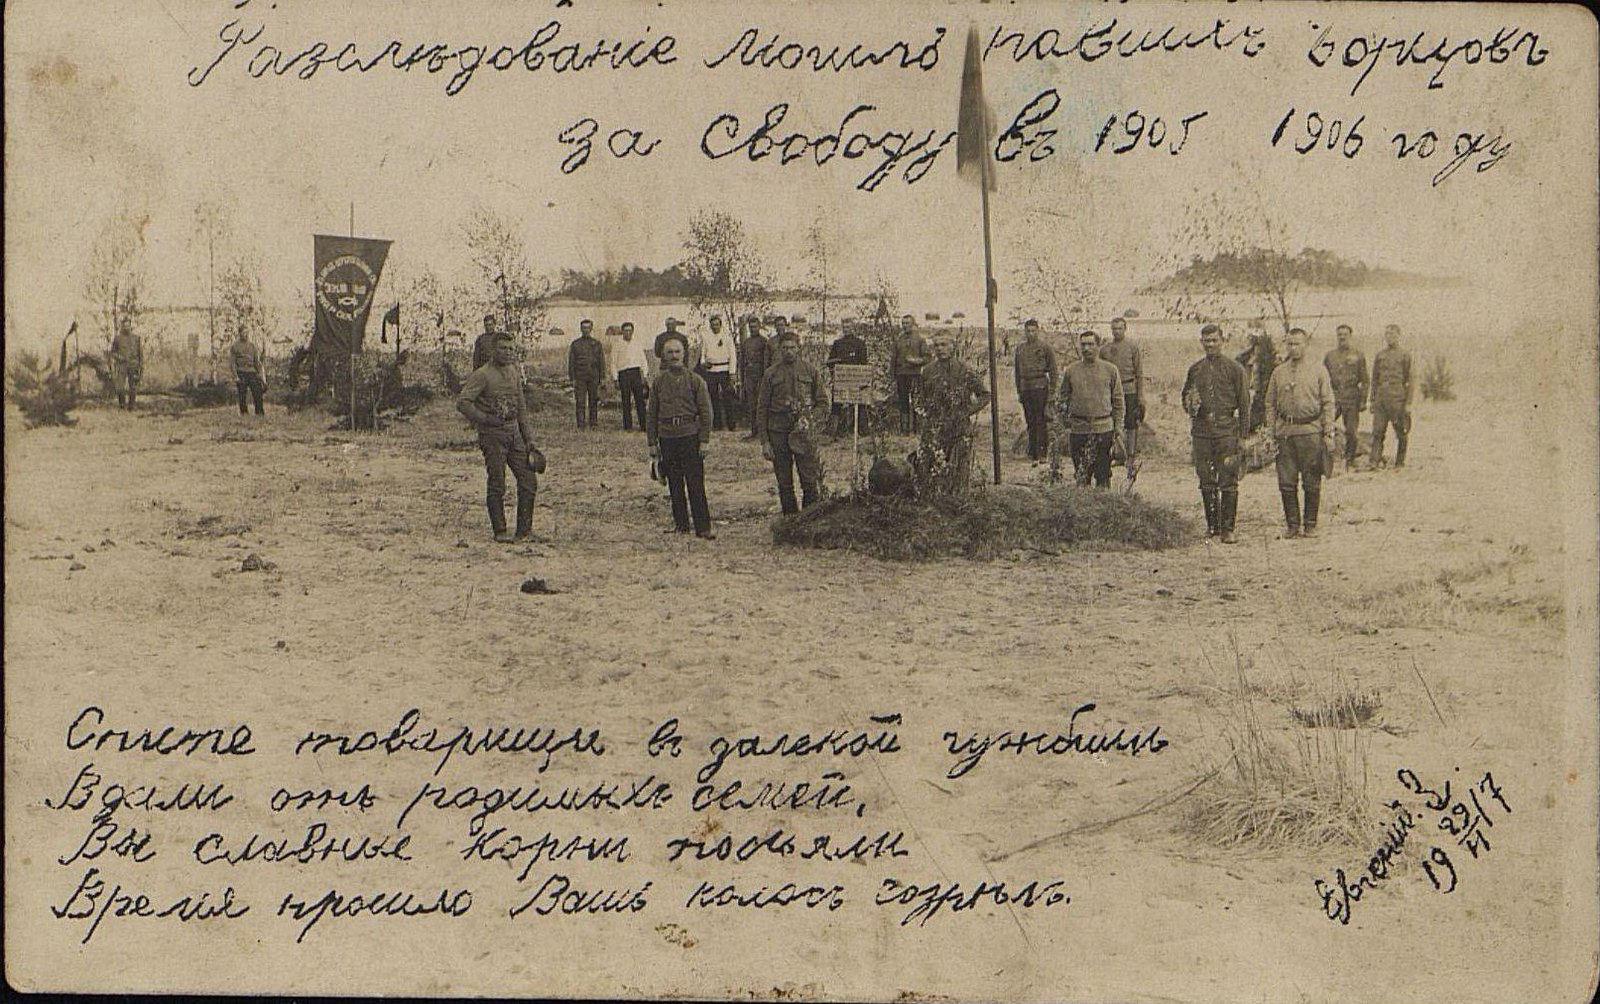 09. Февраль. Расследование могил павших борцов за свободу в 1905-1906